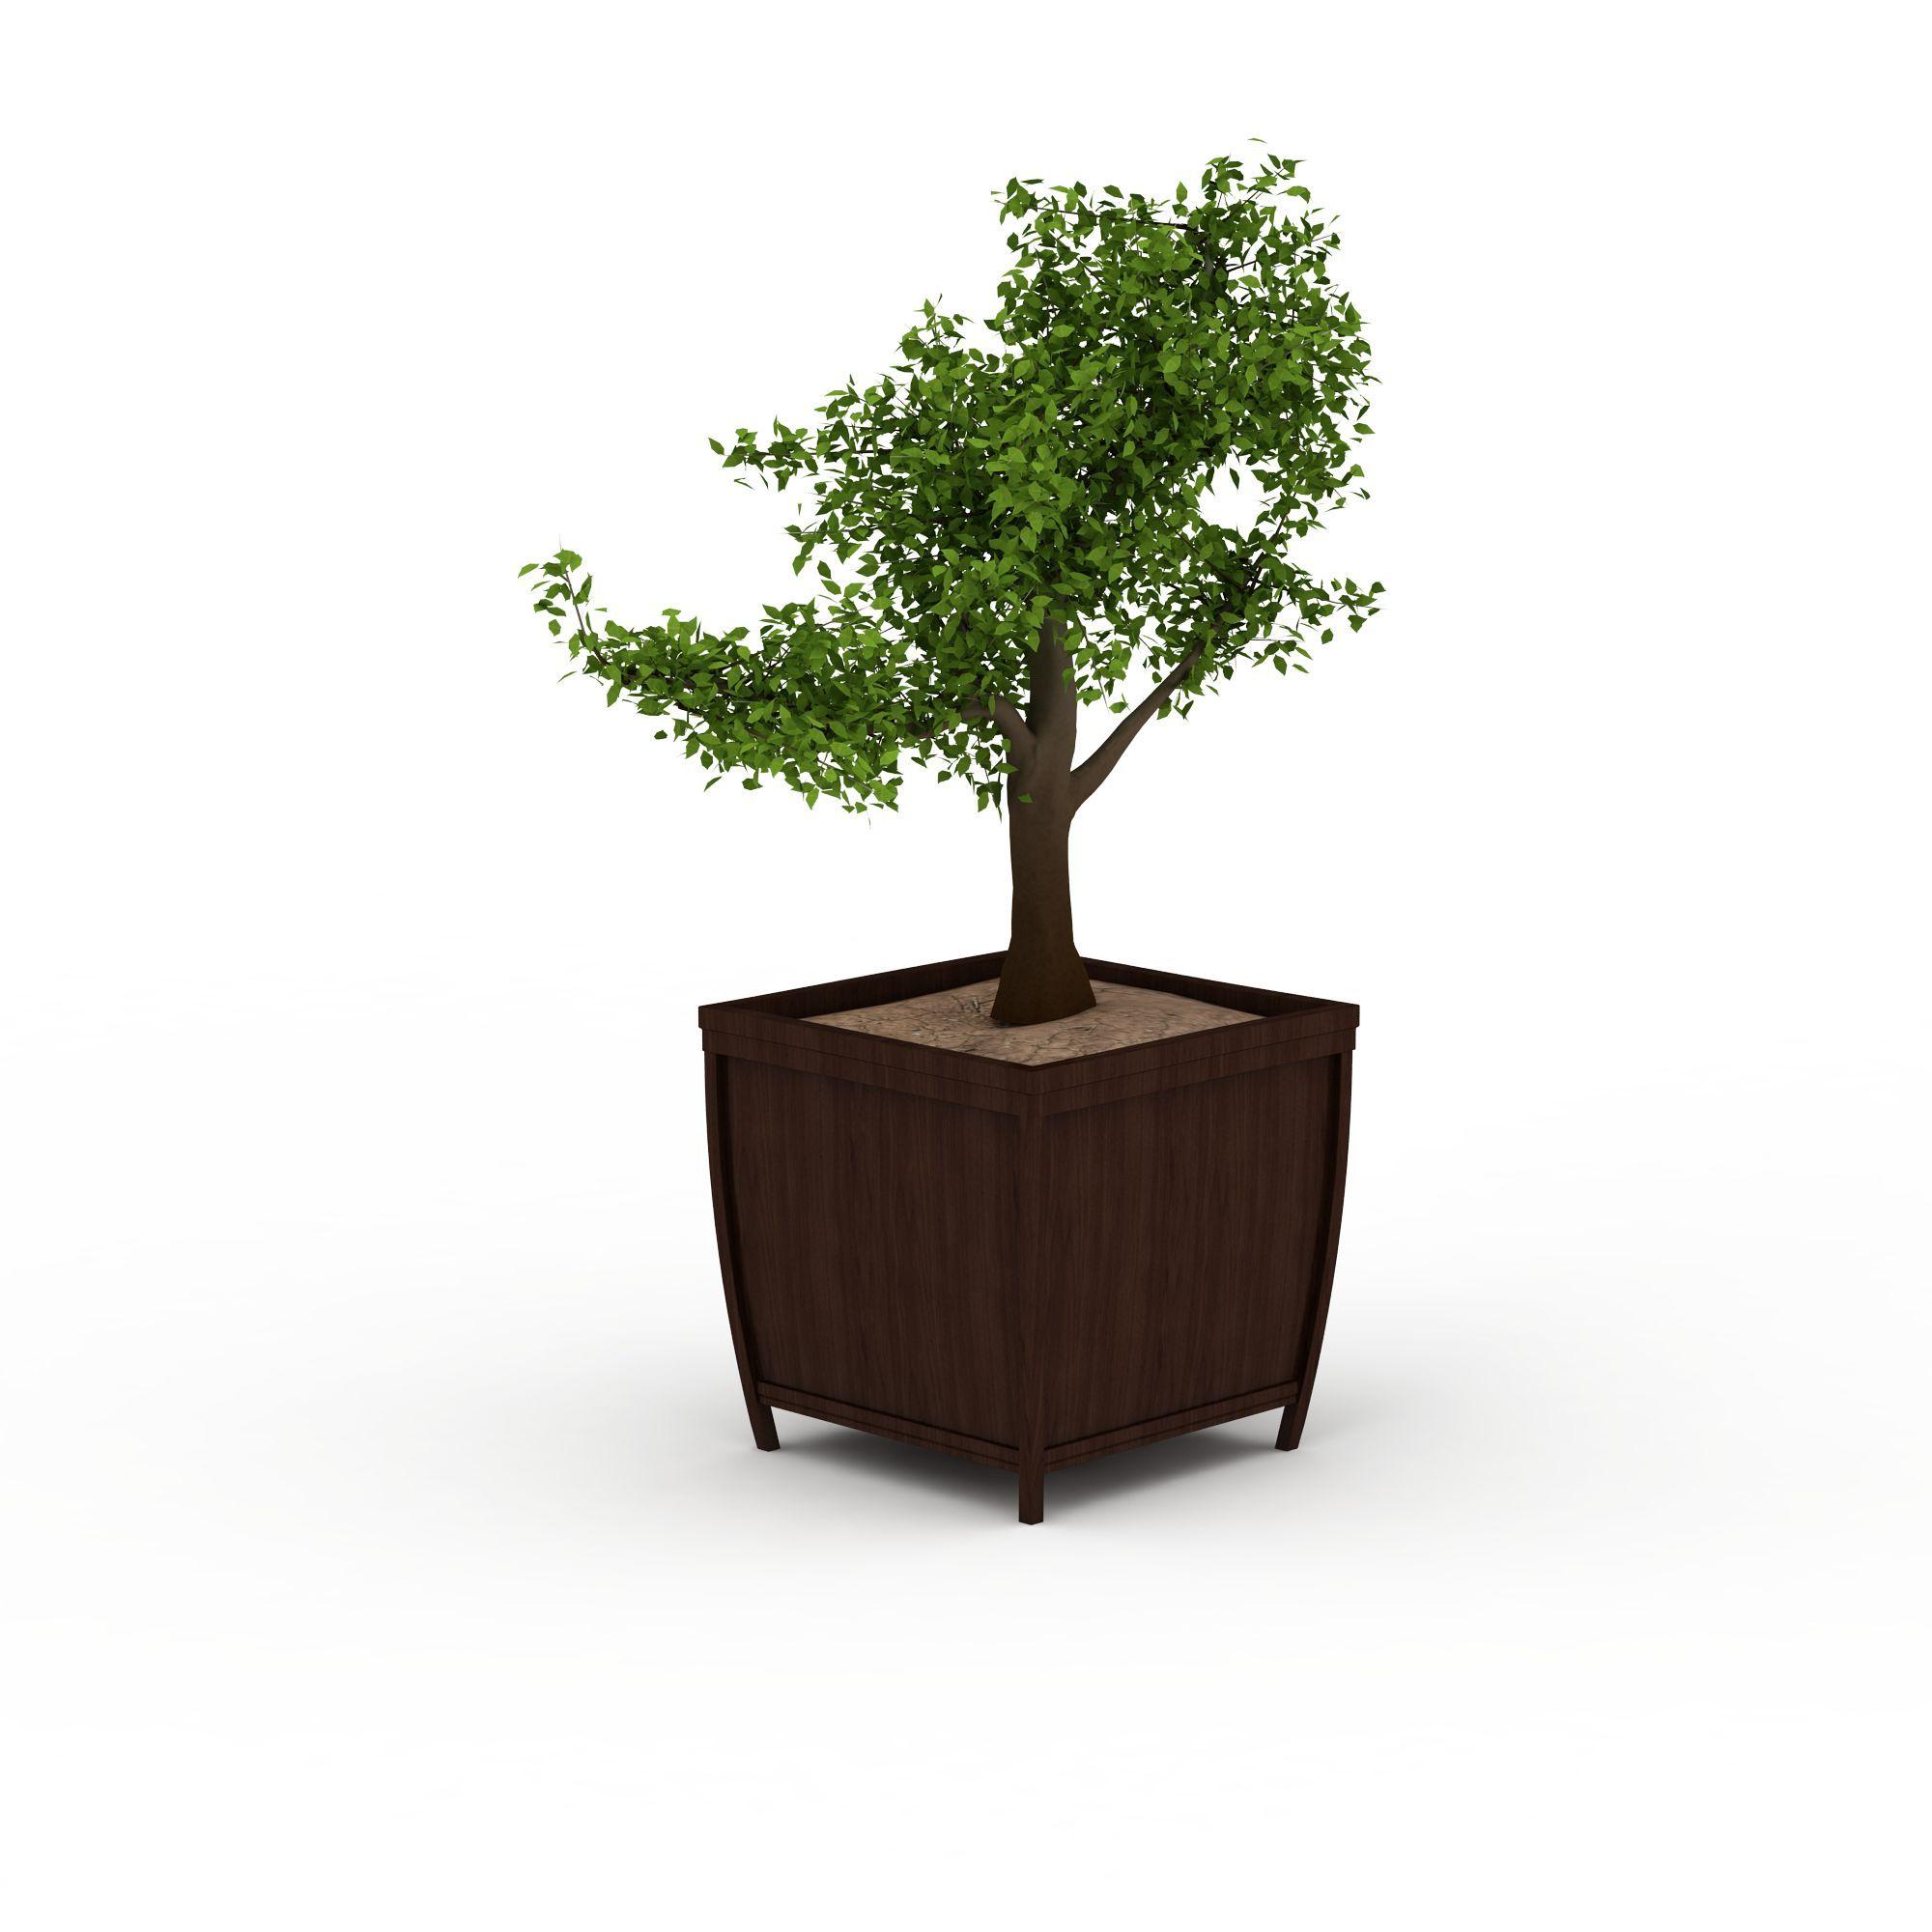 植物 树 室内盆栽3d模型 室内盆栽png高清图  室内盆栽高清图详情